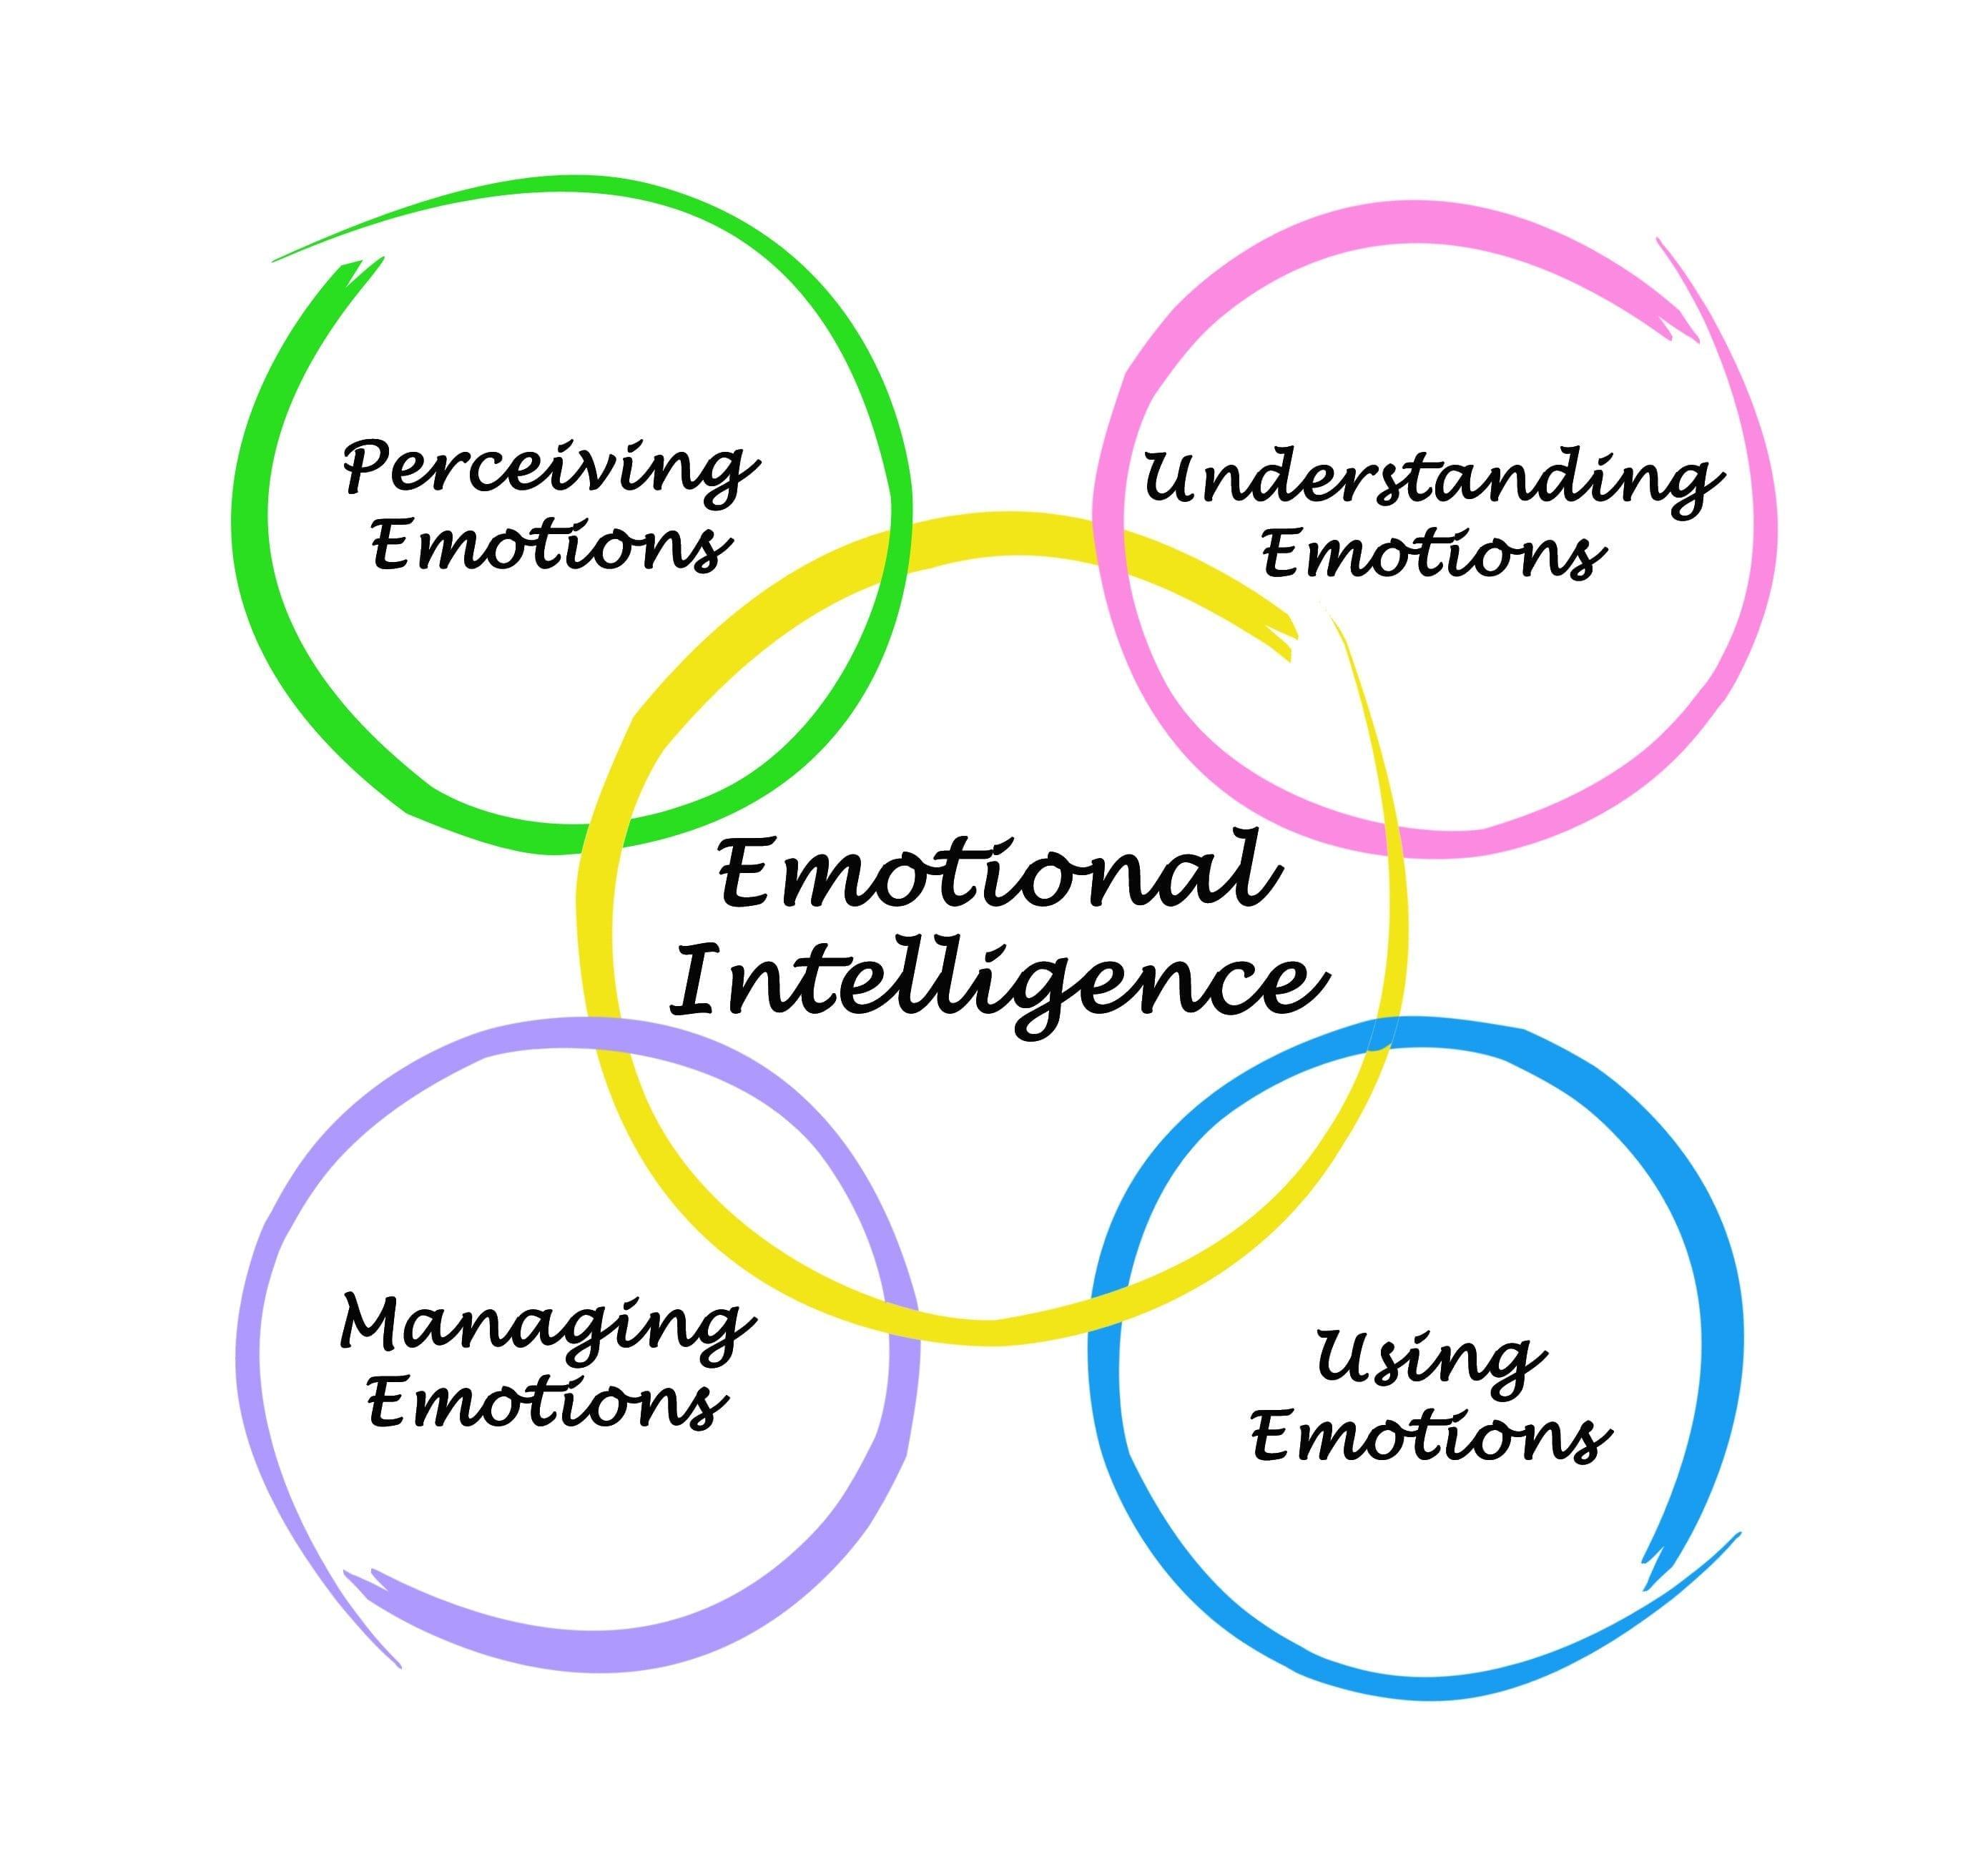 Emotional Intelligence Worksheets  Oppiya Worksheets As Well As Emotional Intelligence Worksheets